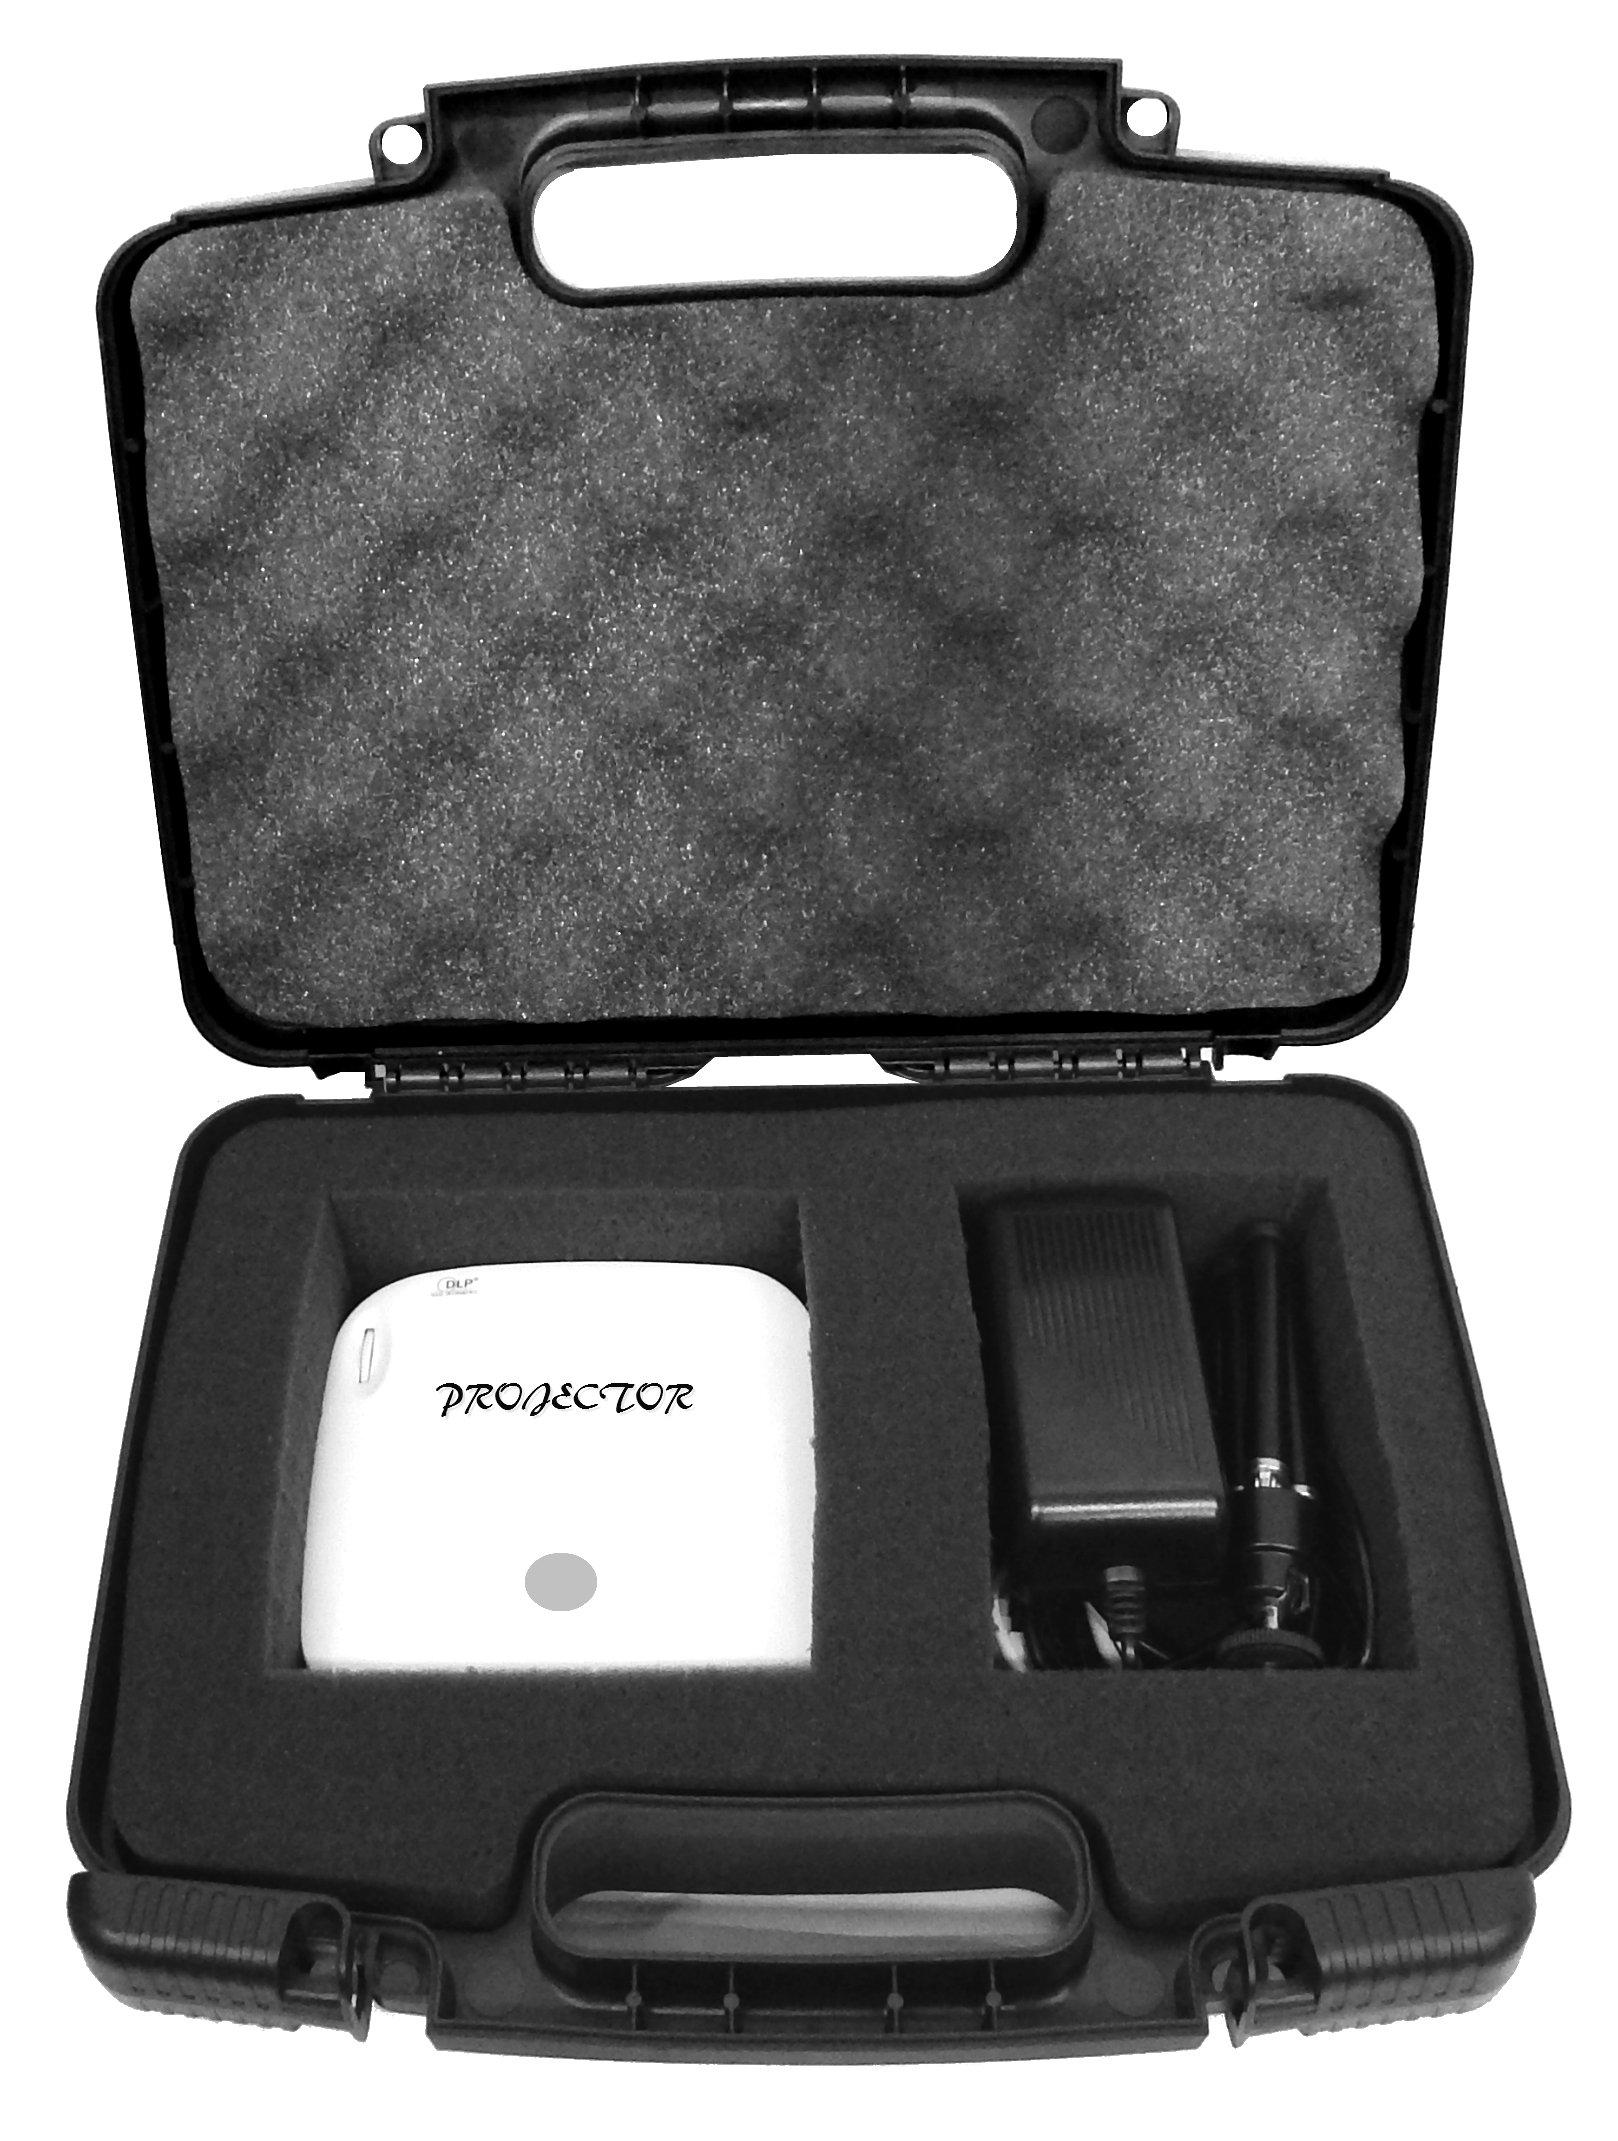 TRAVEL Portable Pico Projector Case with Protective Foam fits Crenova XPE700 / iCODIS CB-300 / Ezapor GM60 / Mileagea Pico DLP / LG Minibeam PH550 and Small Accessories by CASEMATIX